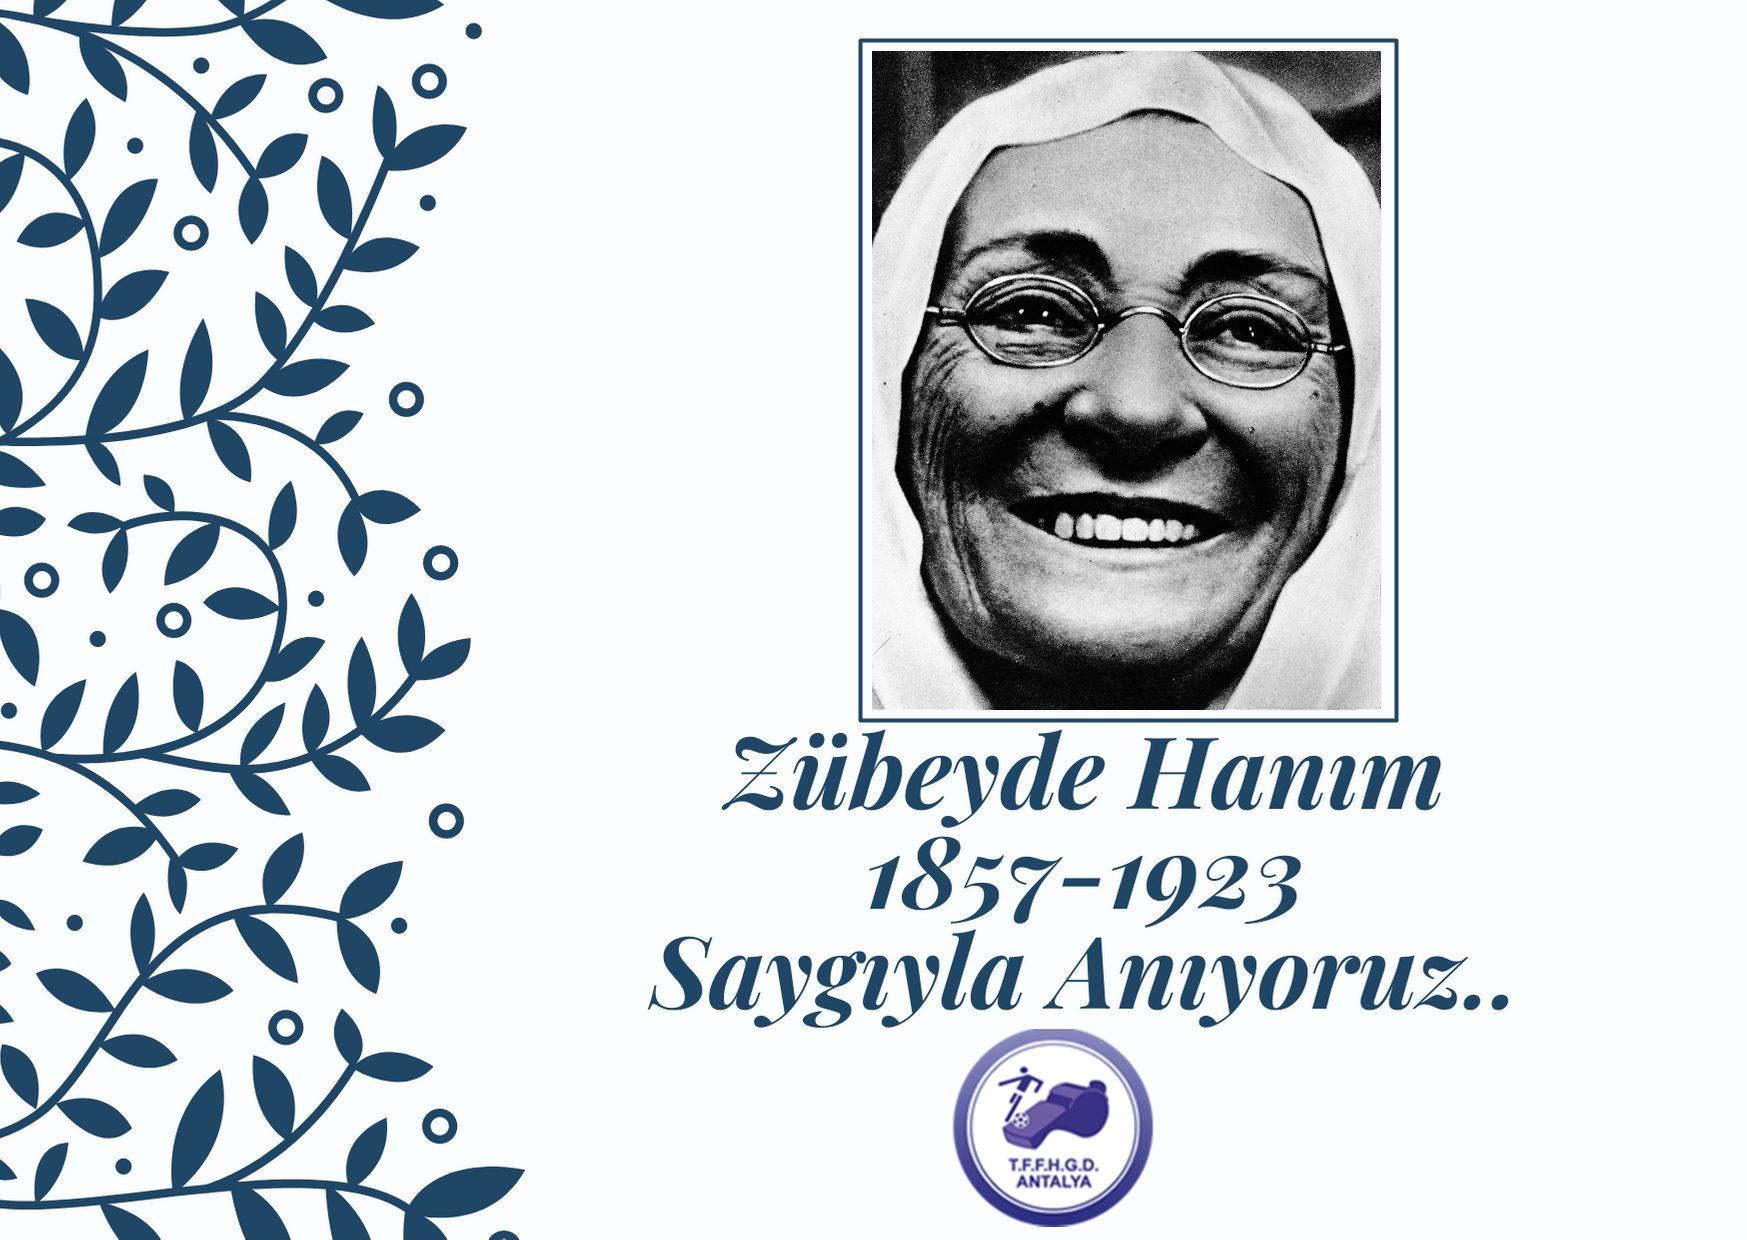 Zübeyde Hanım'ı Saygıyla Anıyoruz